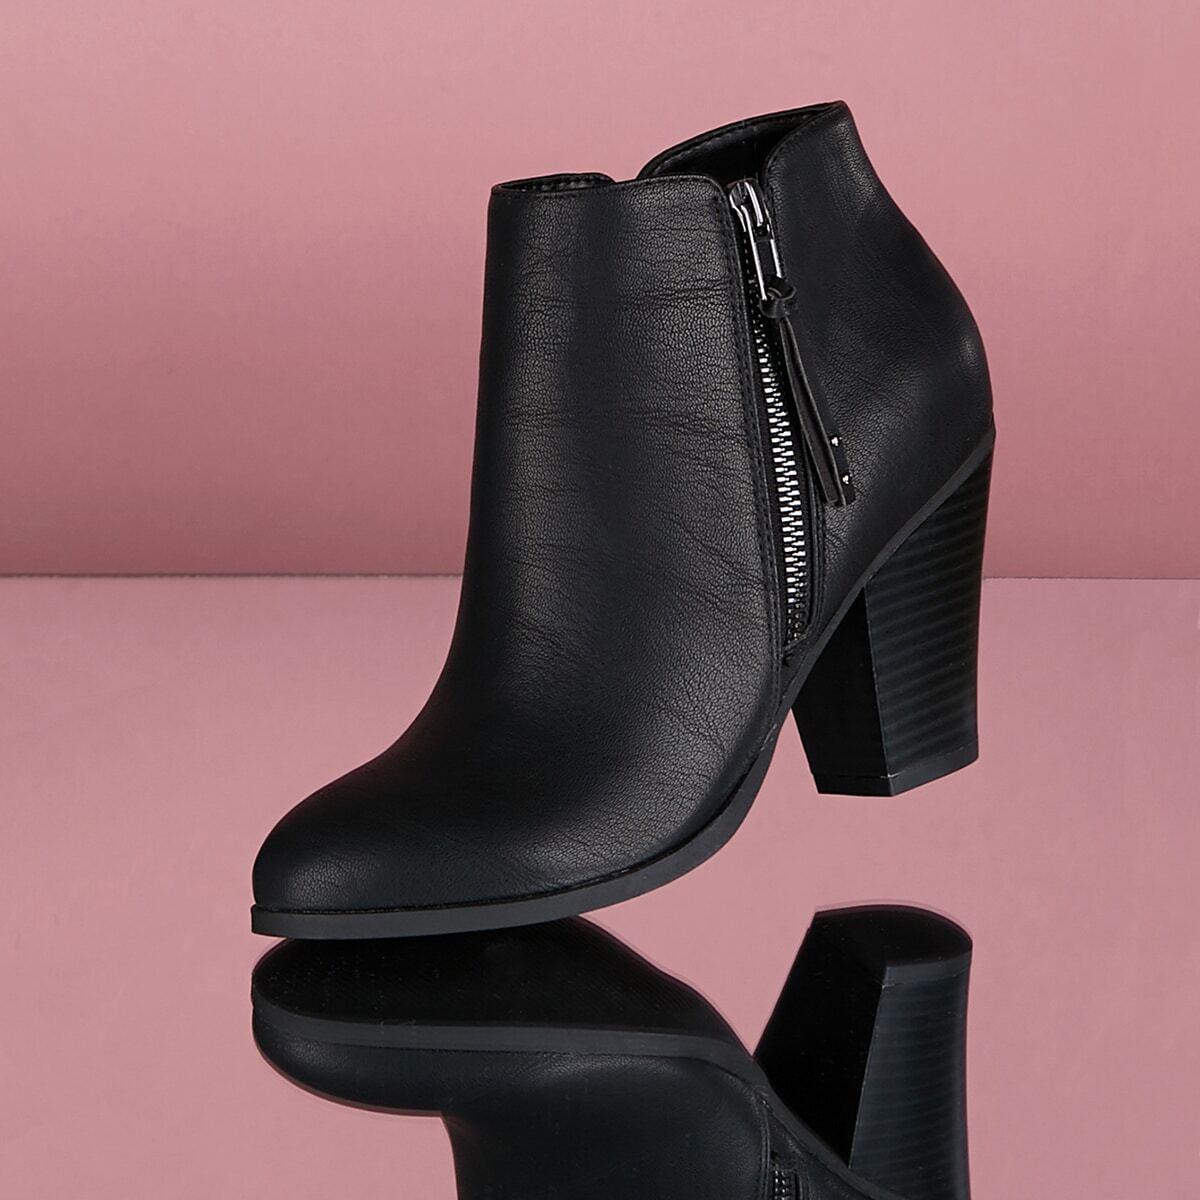 Кожаные короткие сапоги на высоких каблуках с застёжкой молния